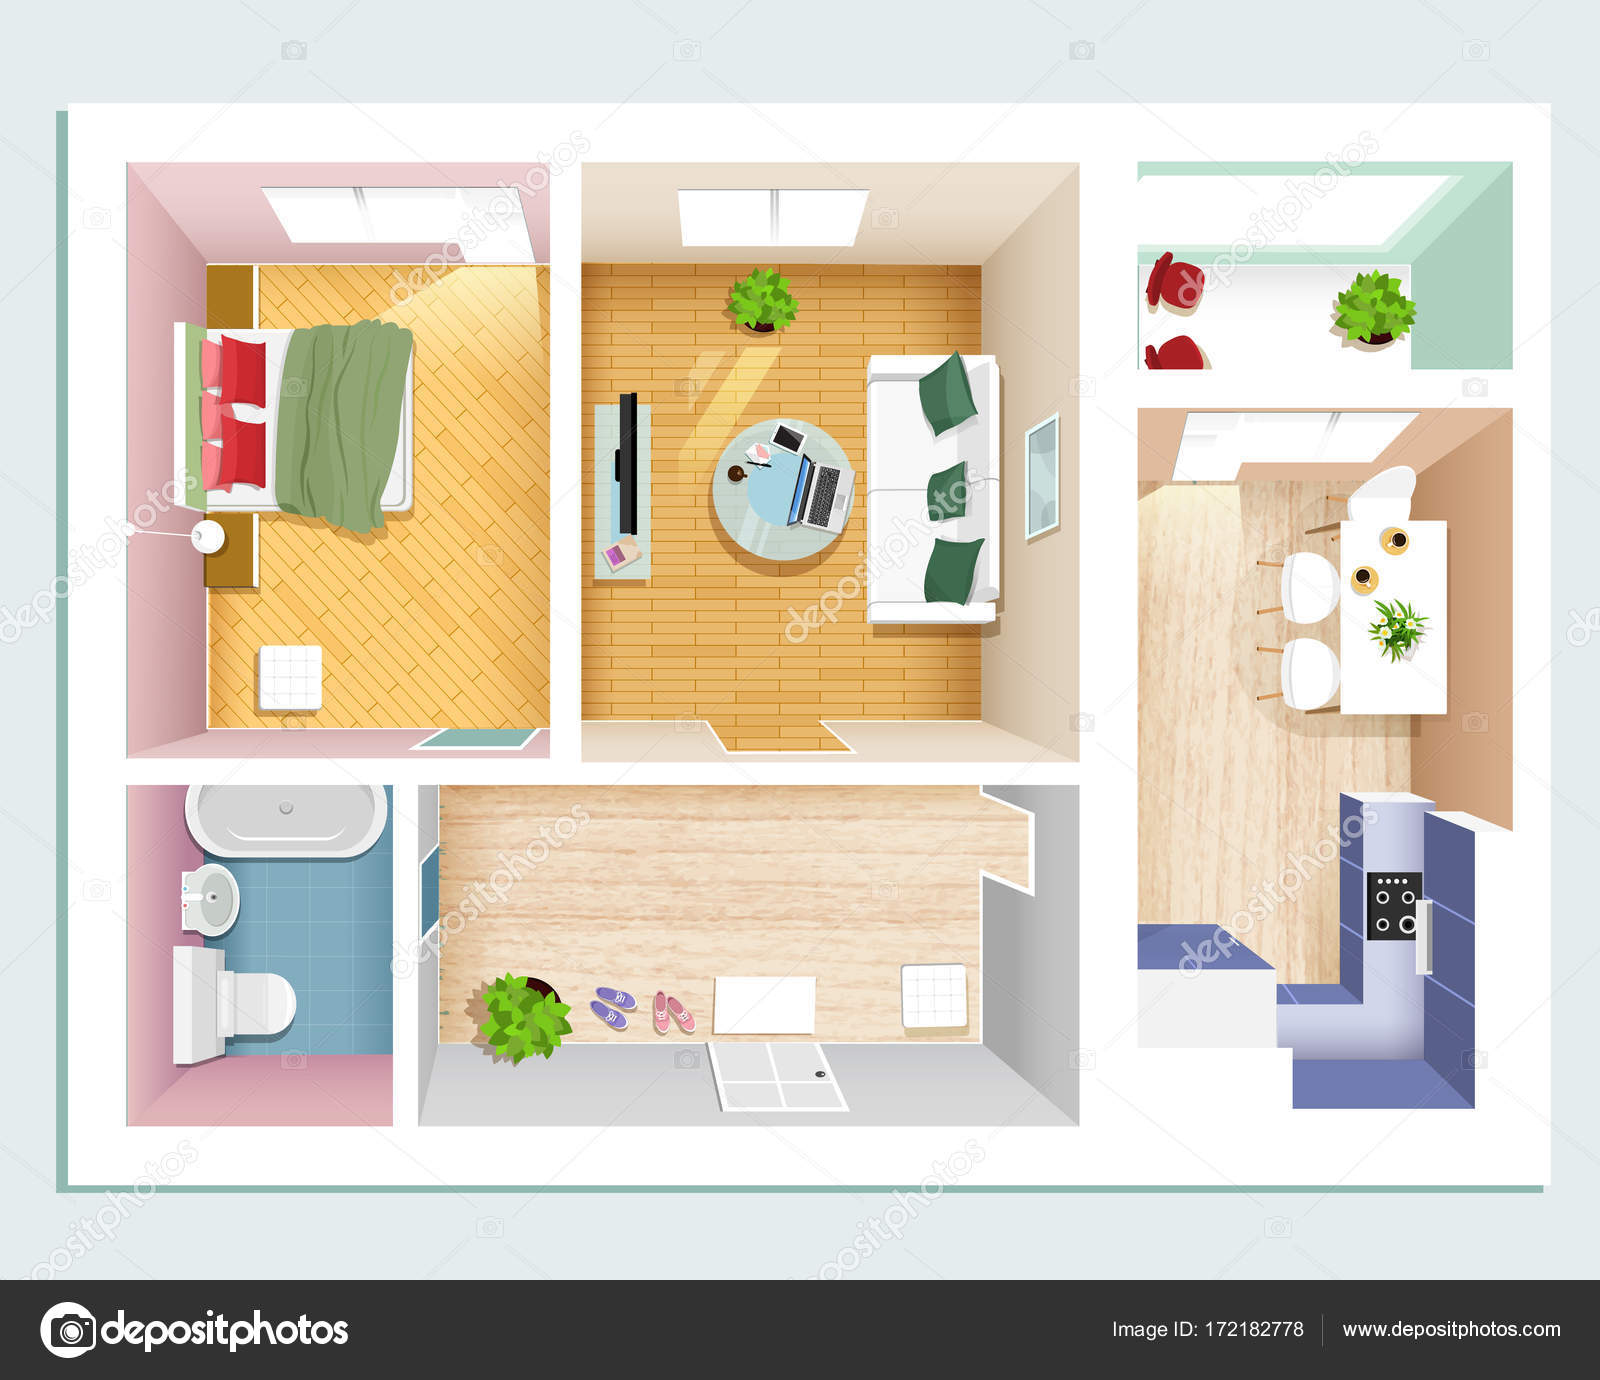 Moderne Grafik Wohnung Draufsicht: Schlafzimmer, Wohnzimmer, Küche, Halle  Und Bad. Stilvolle Flache Zimmereinrichtung Festgelegt.